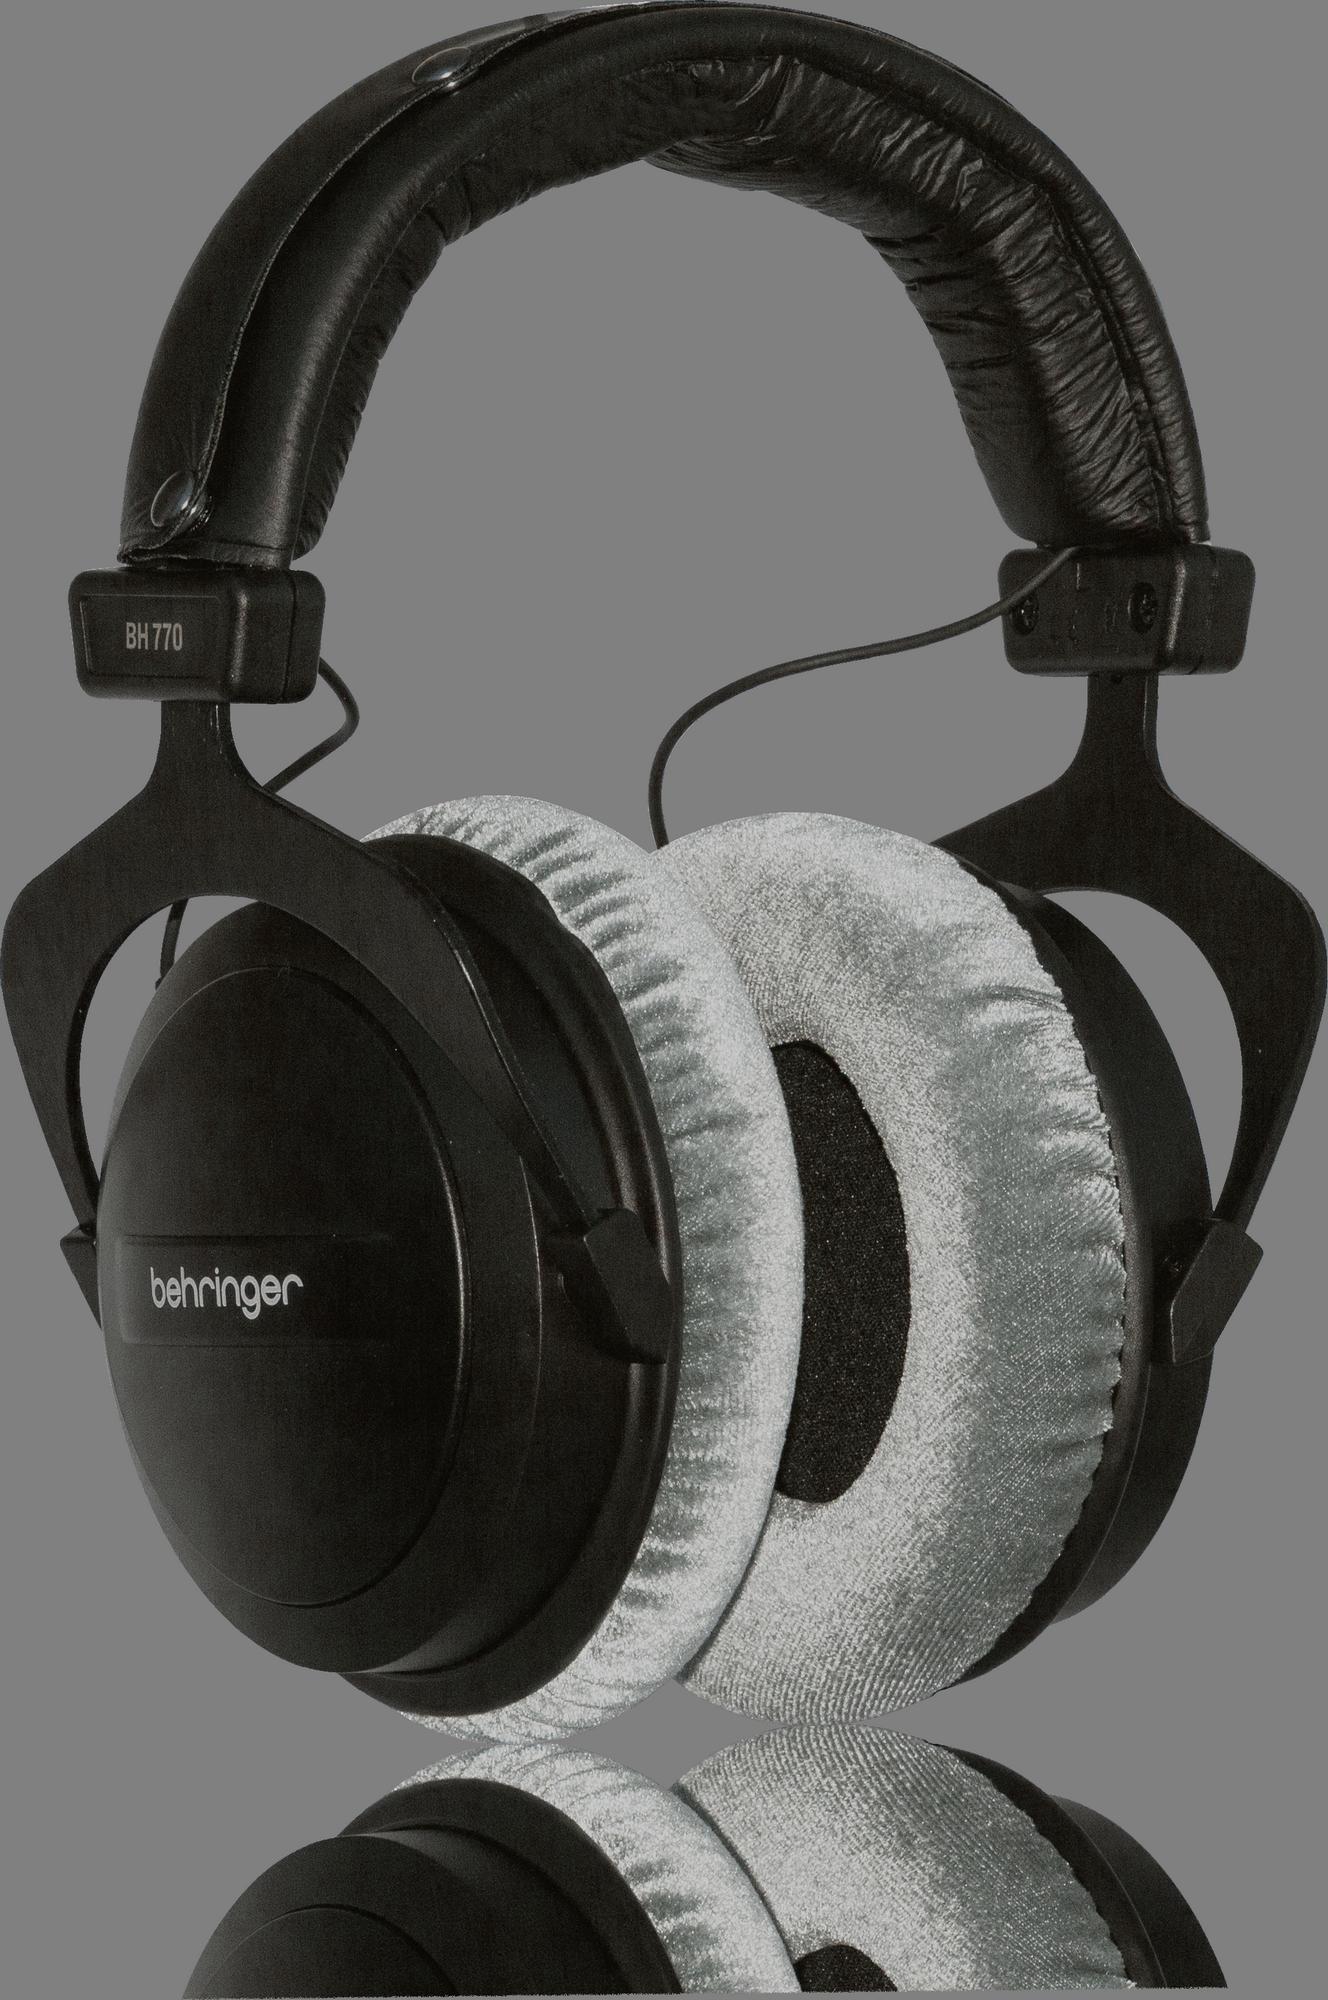 Behringer BH 770 - Headphone